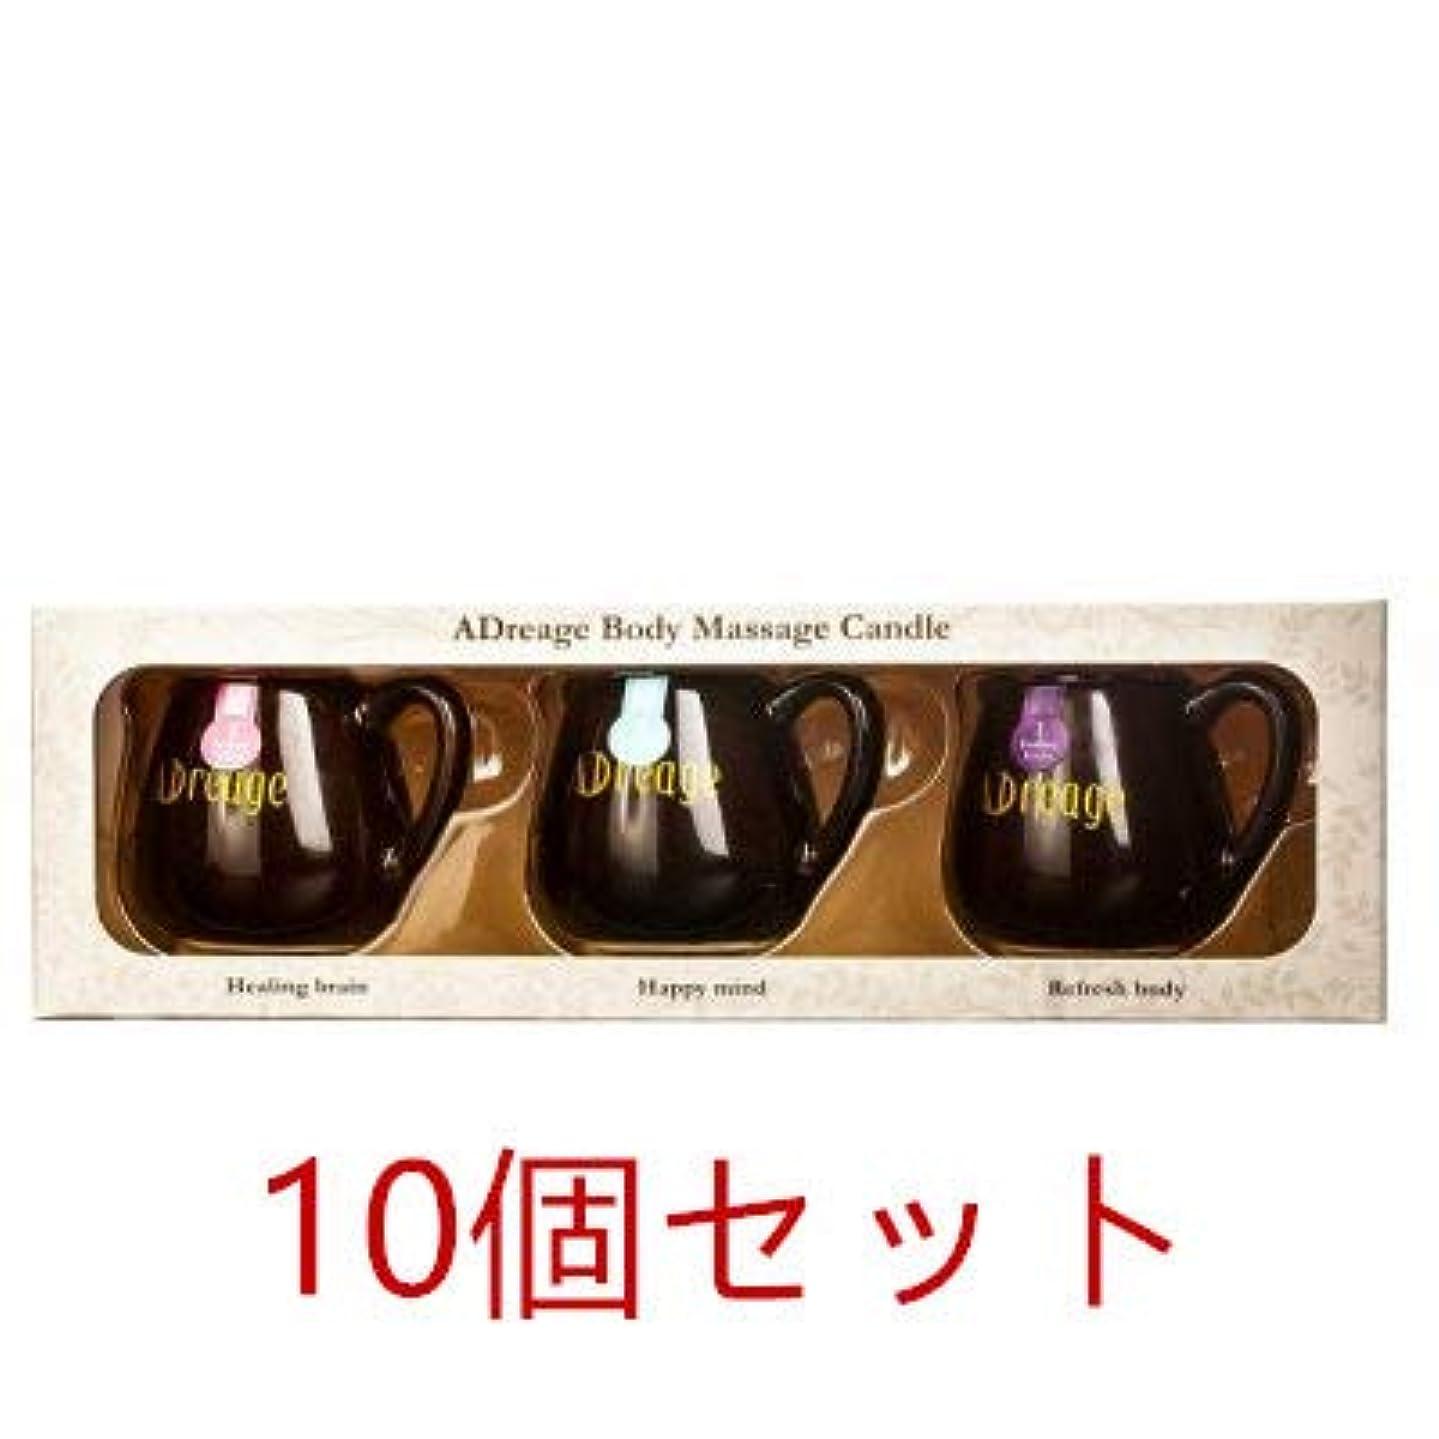 パッチアニメーション嬉しいですSAKURA LOVE Aroma Candle【アドレアージュ キャンドルミニセット】10個セット